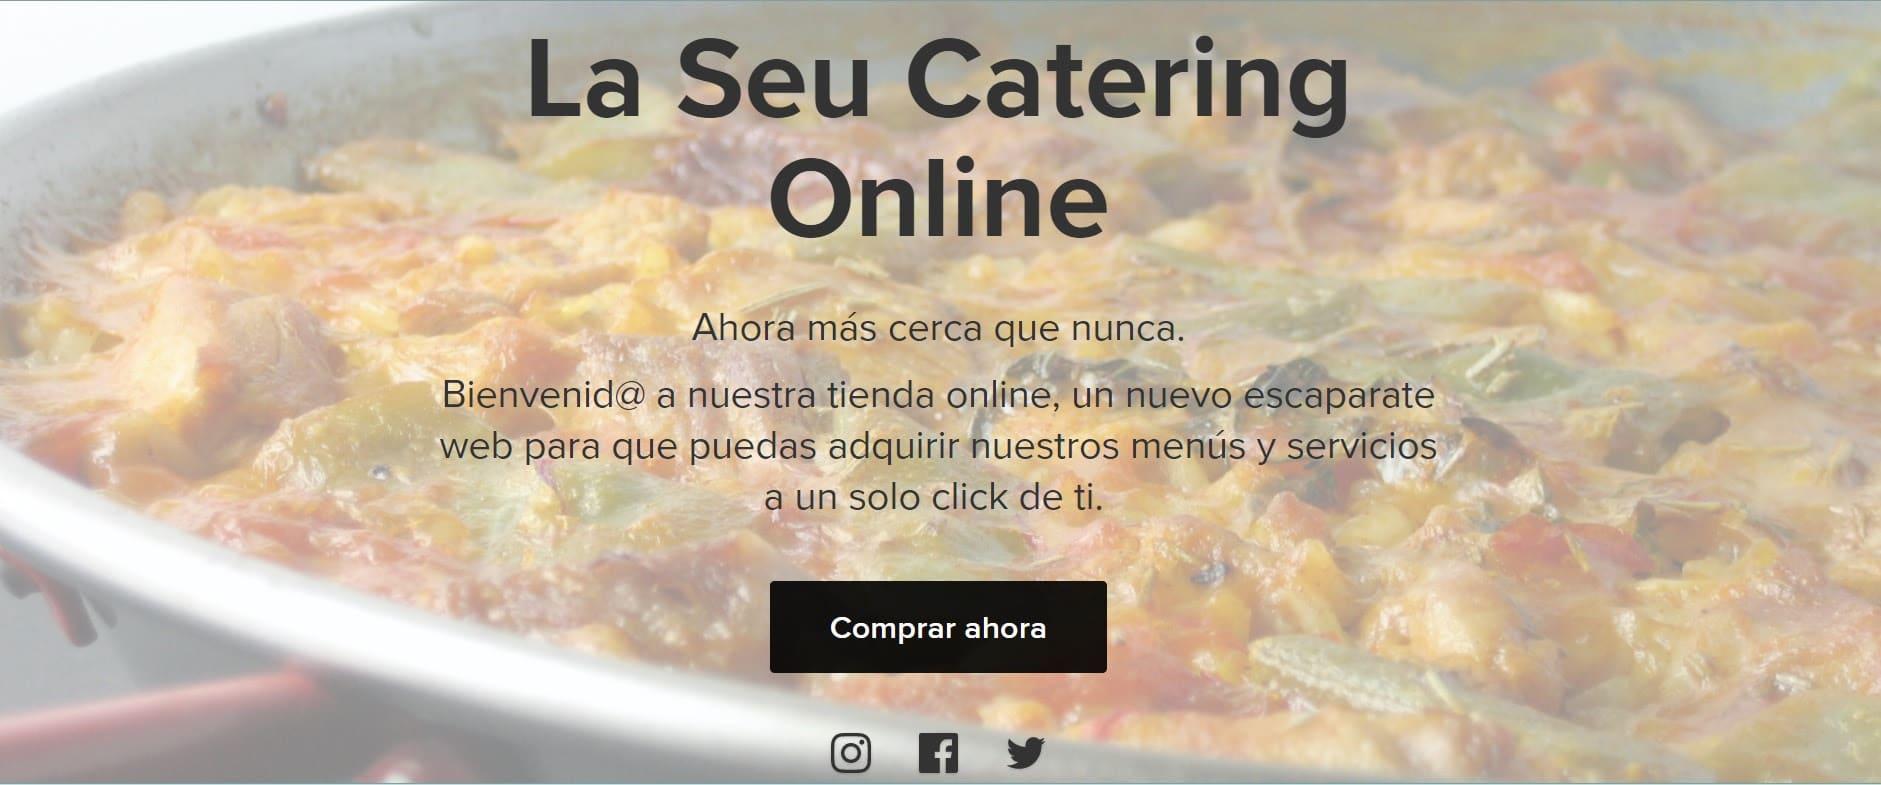 La seu catering